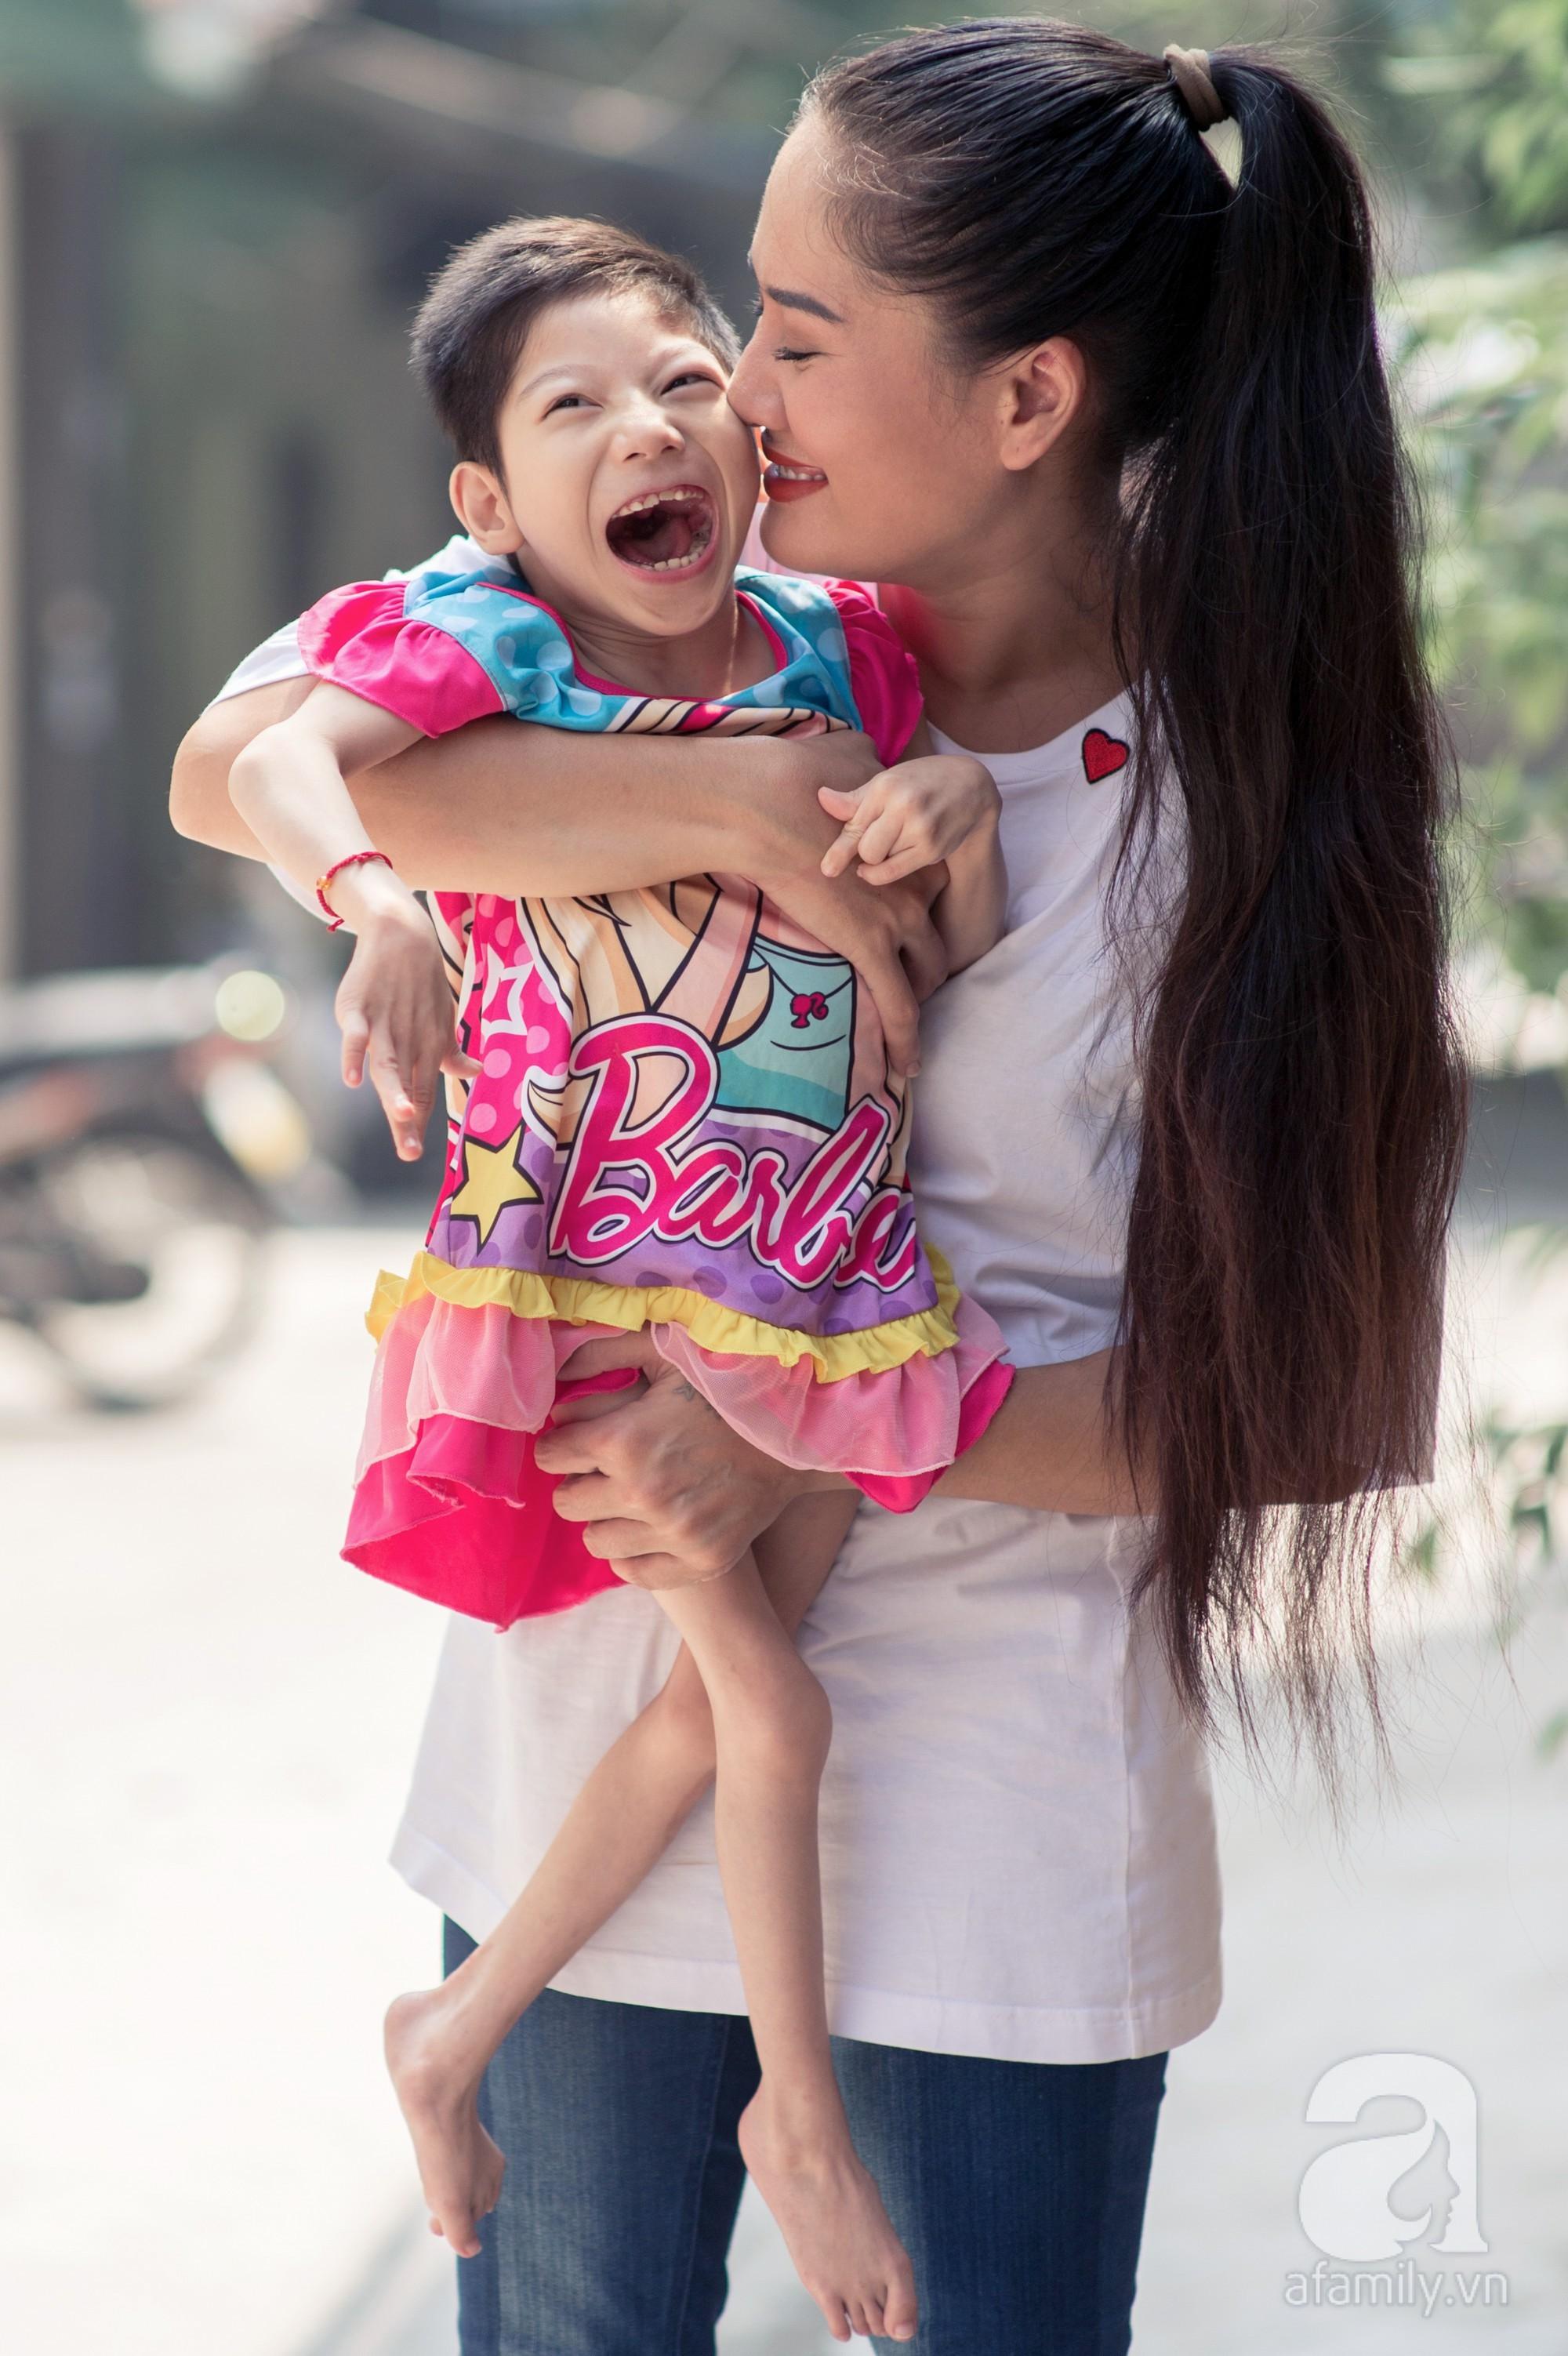 Minh Cúc Về nhà đi con kể về bạn trai từng nghĩ chỉ yêu chơi: Anh ấy muốn làm bố, nhưng tôi không thể sinh con - Ảnh 7.